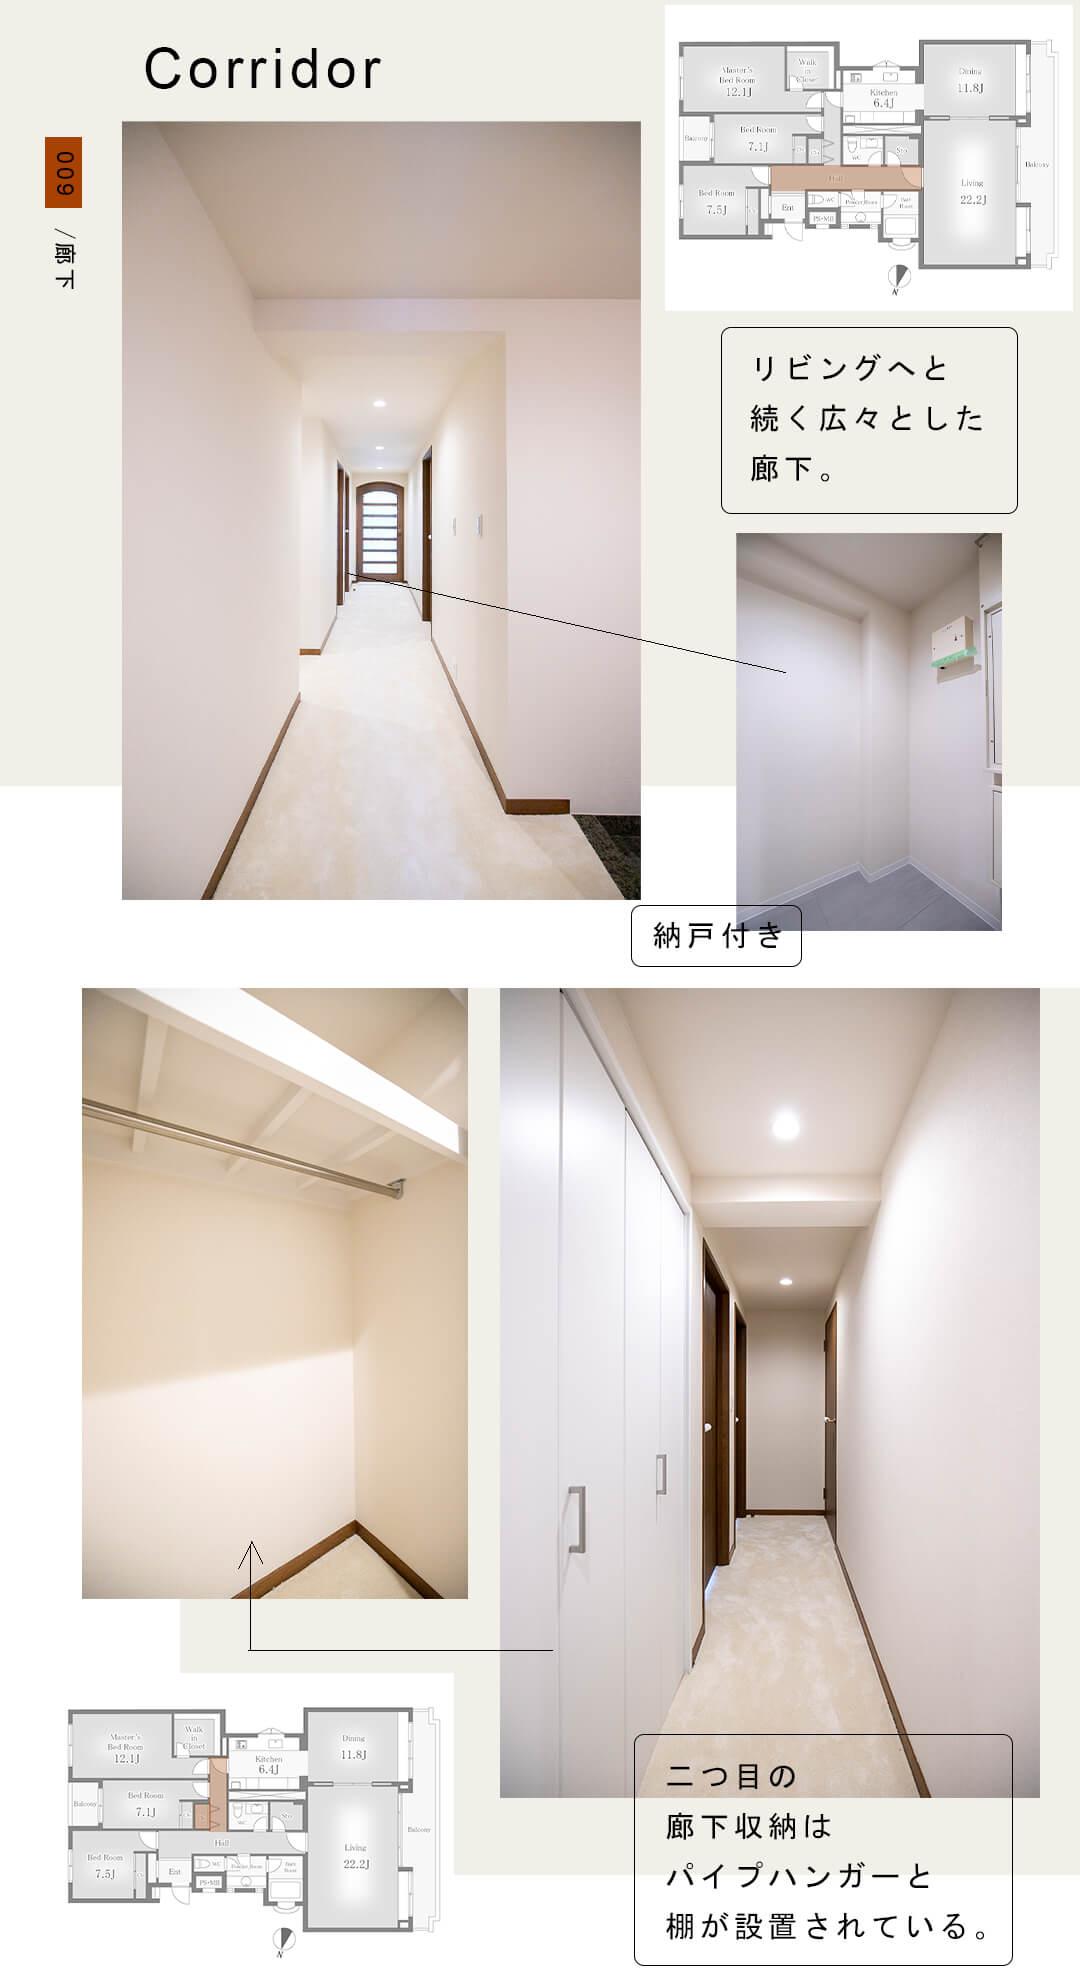 009廊下,corridor